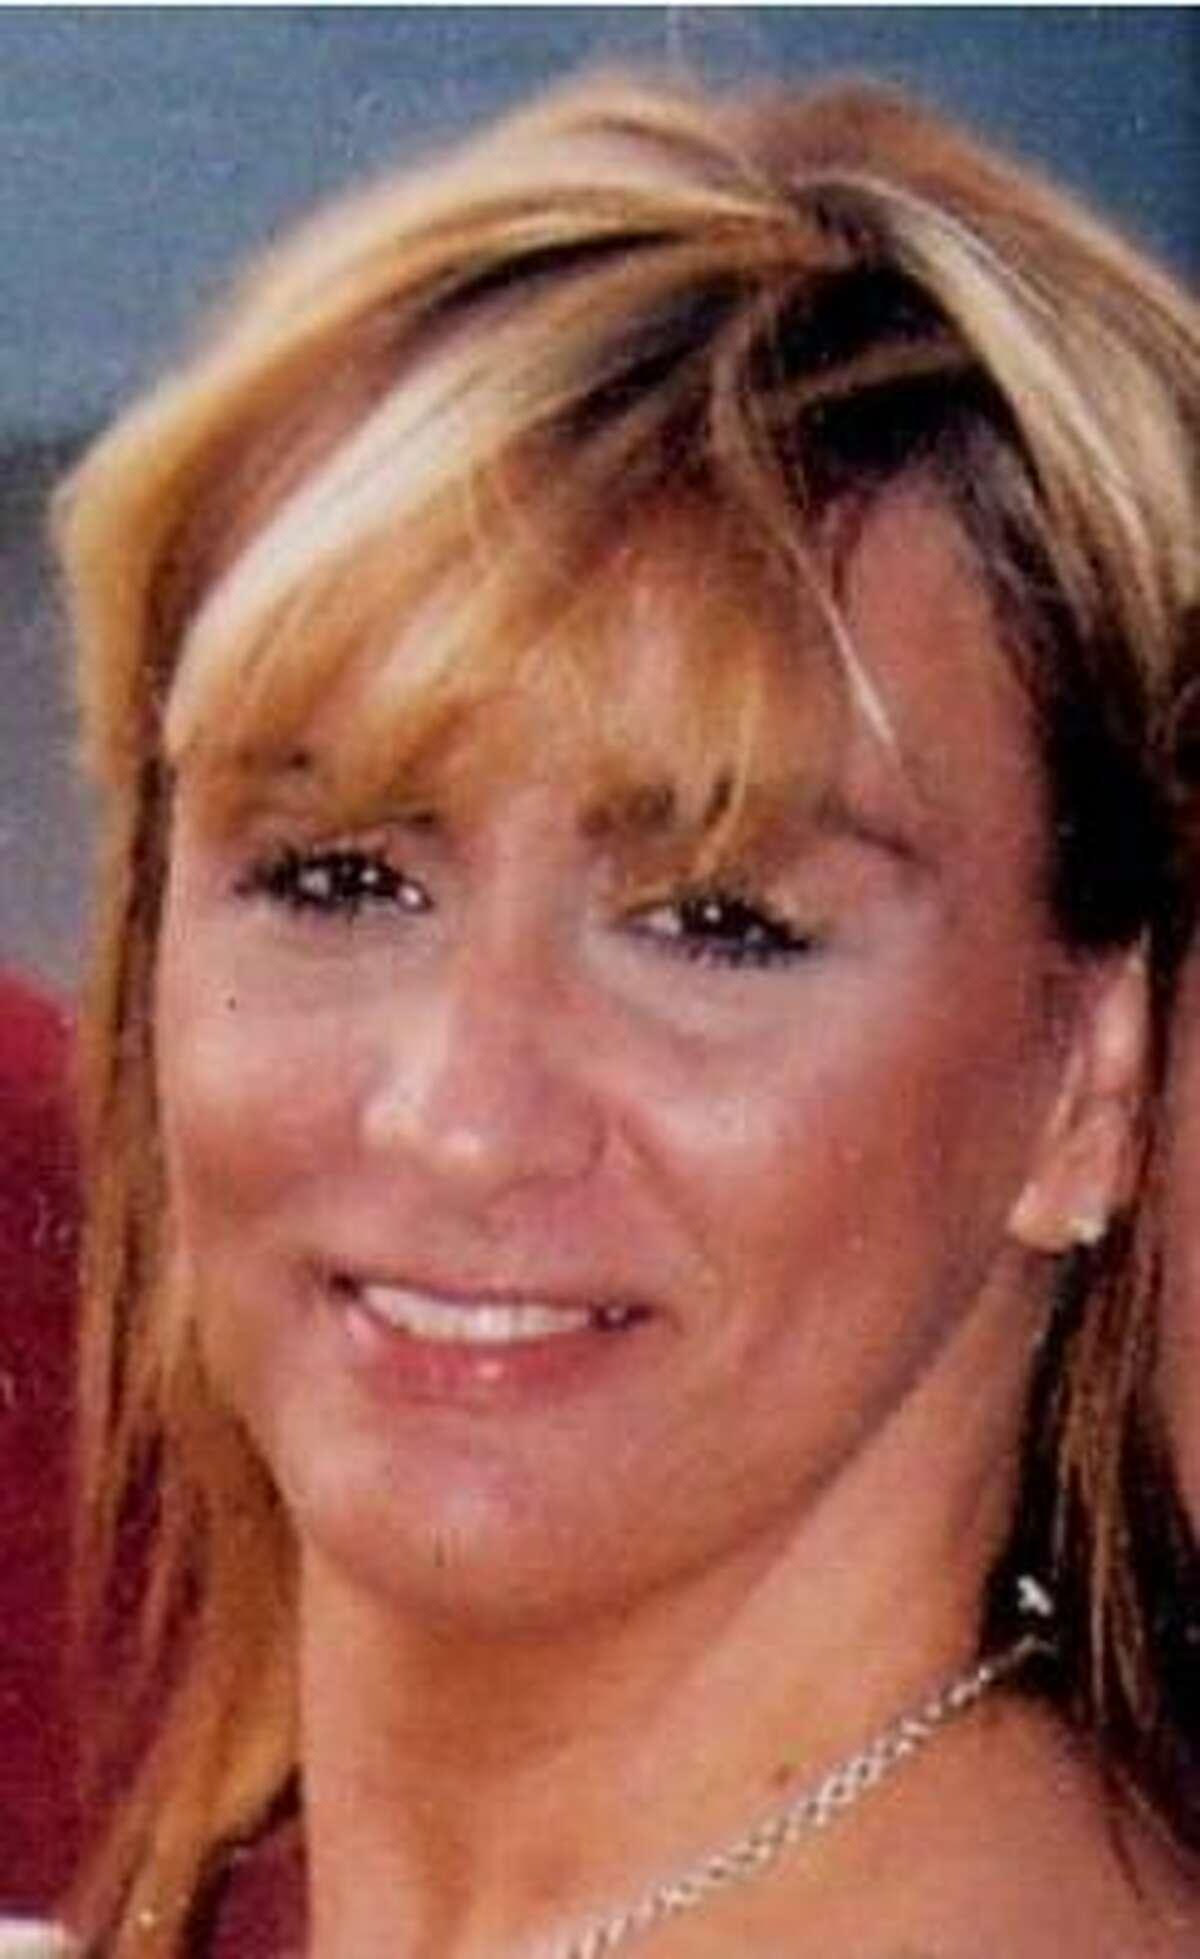 El cuerpo mutilado de Carey Marcella McClintock fue encontrado en las afueras de Juárez, en agosto de 2008.